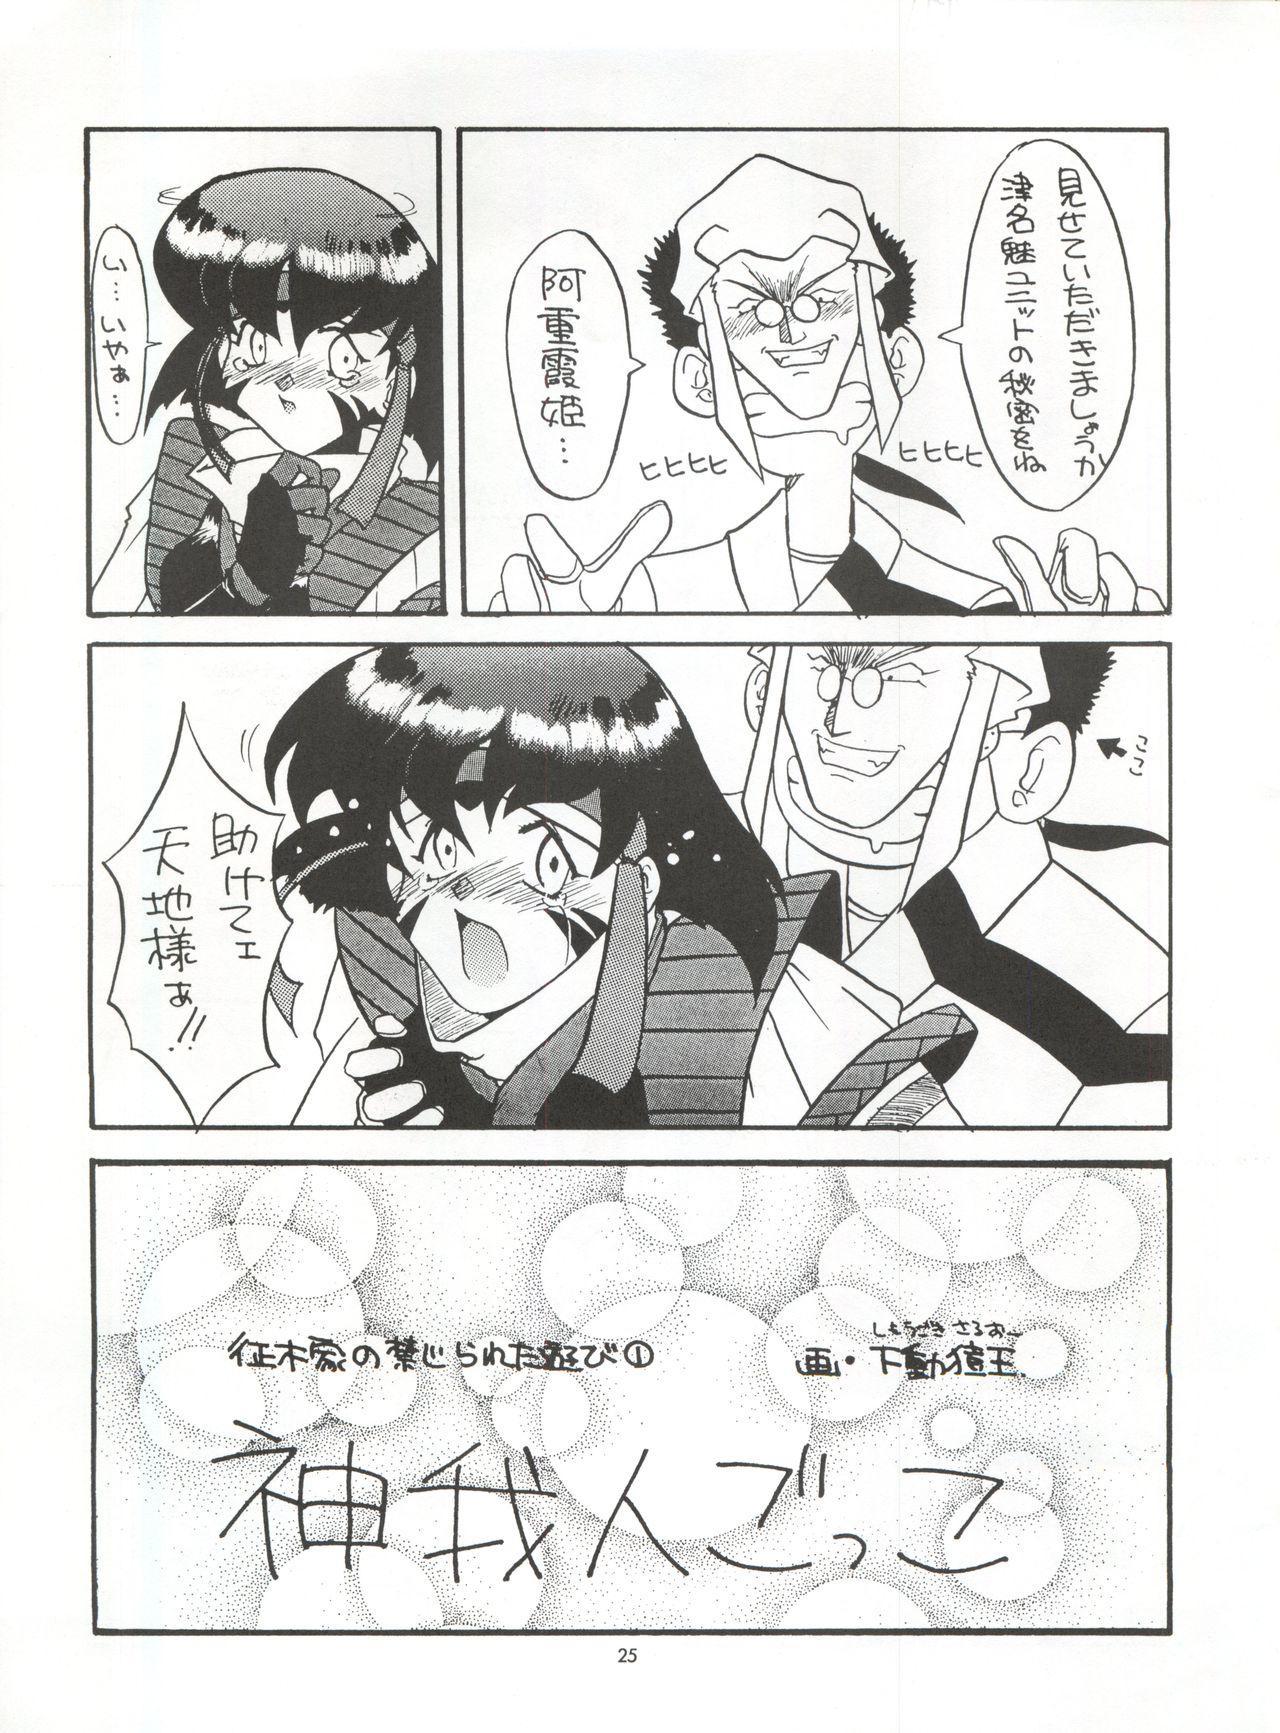 Tabeta Kigasuru 5 24